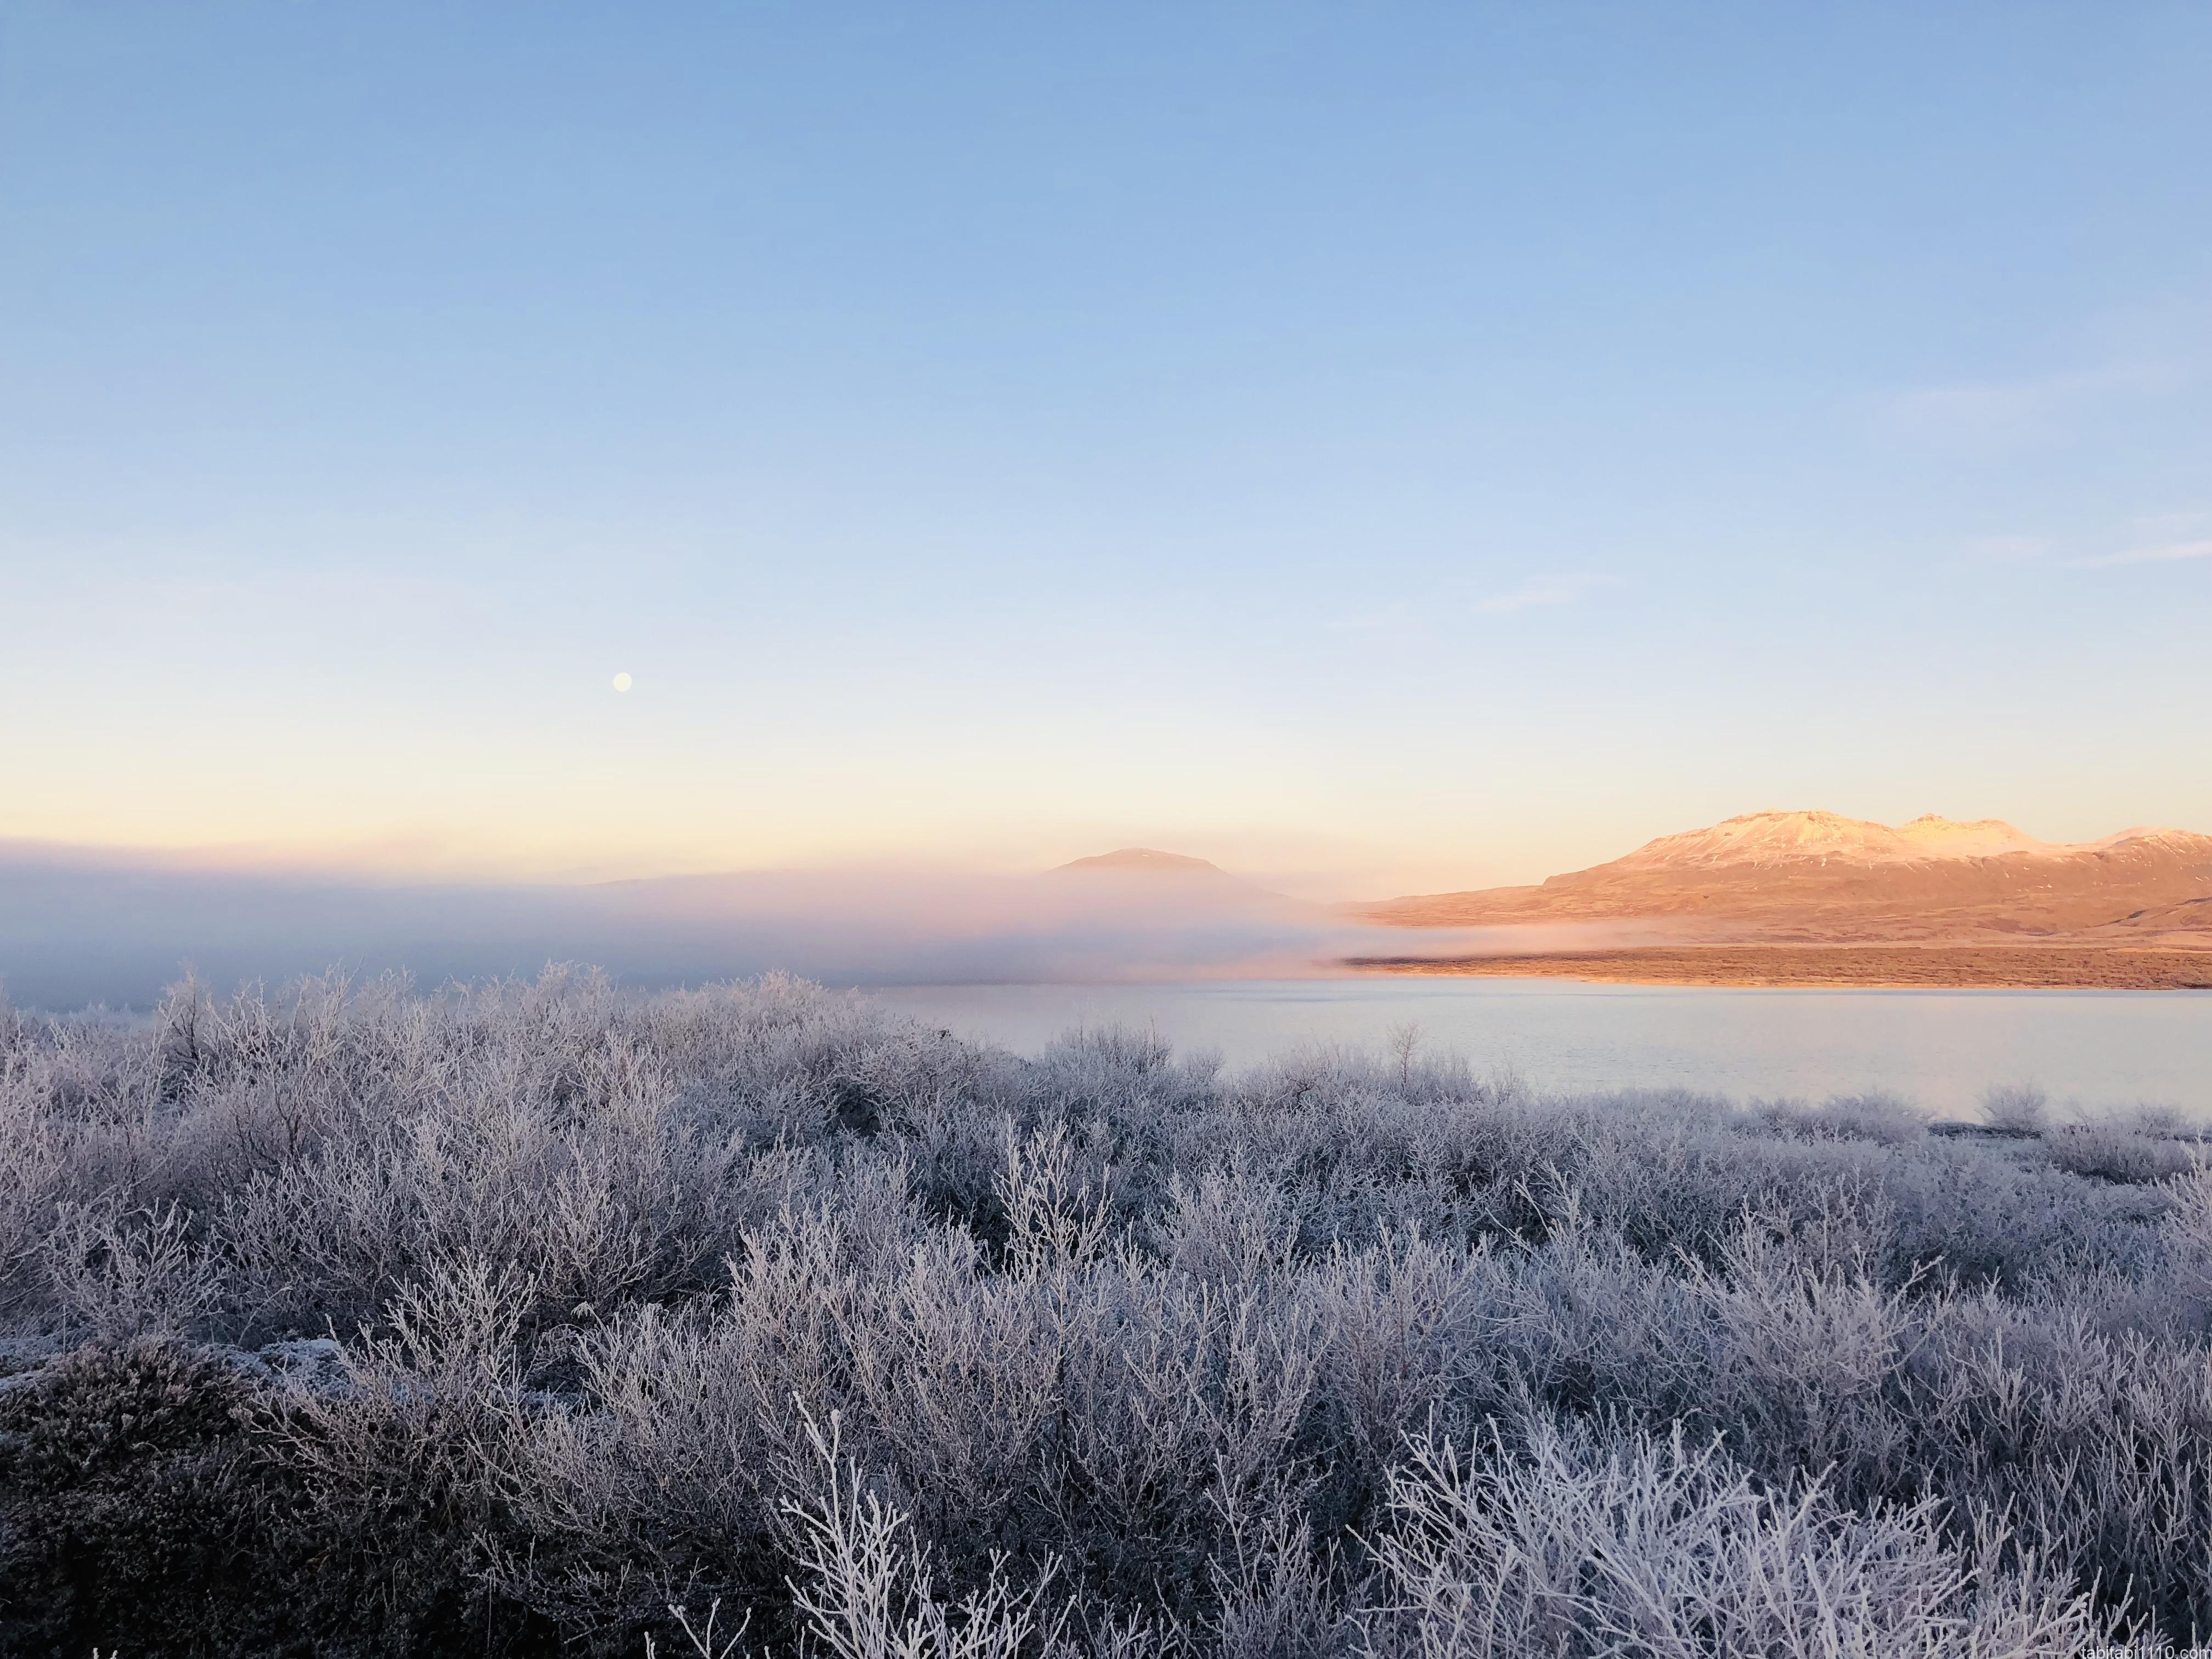 シンクヴェトリル国立公園|アイスランドの雲海